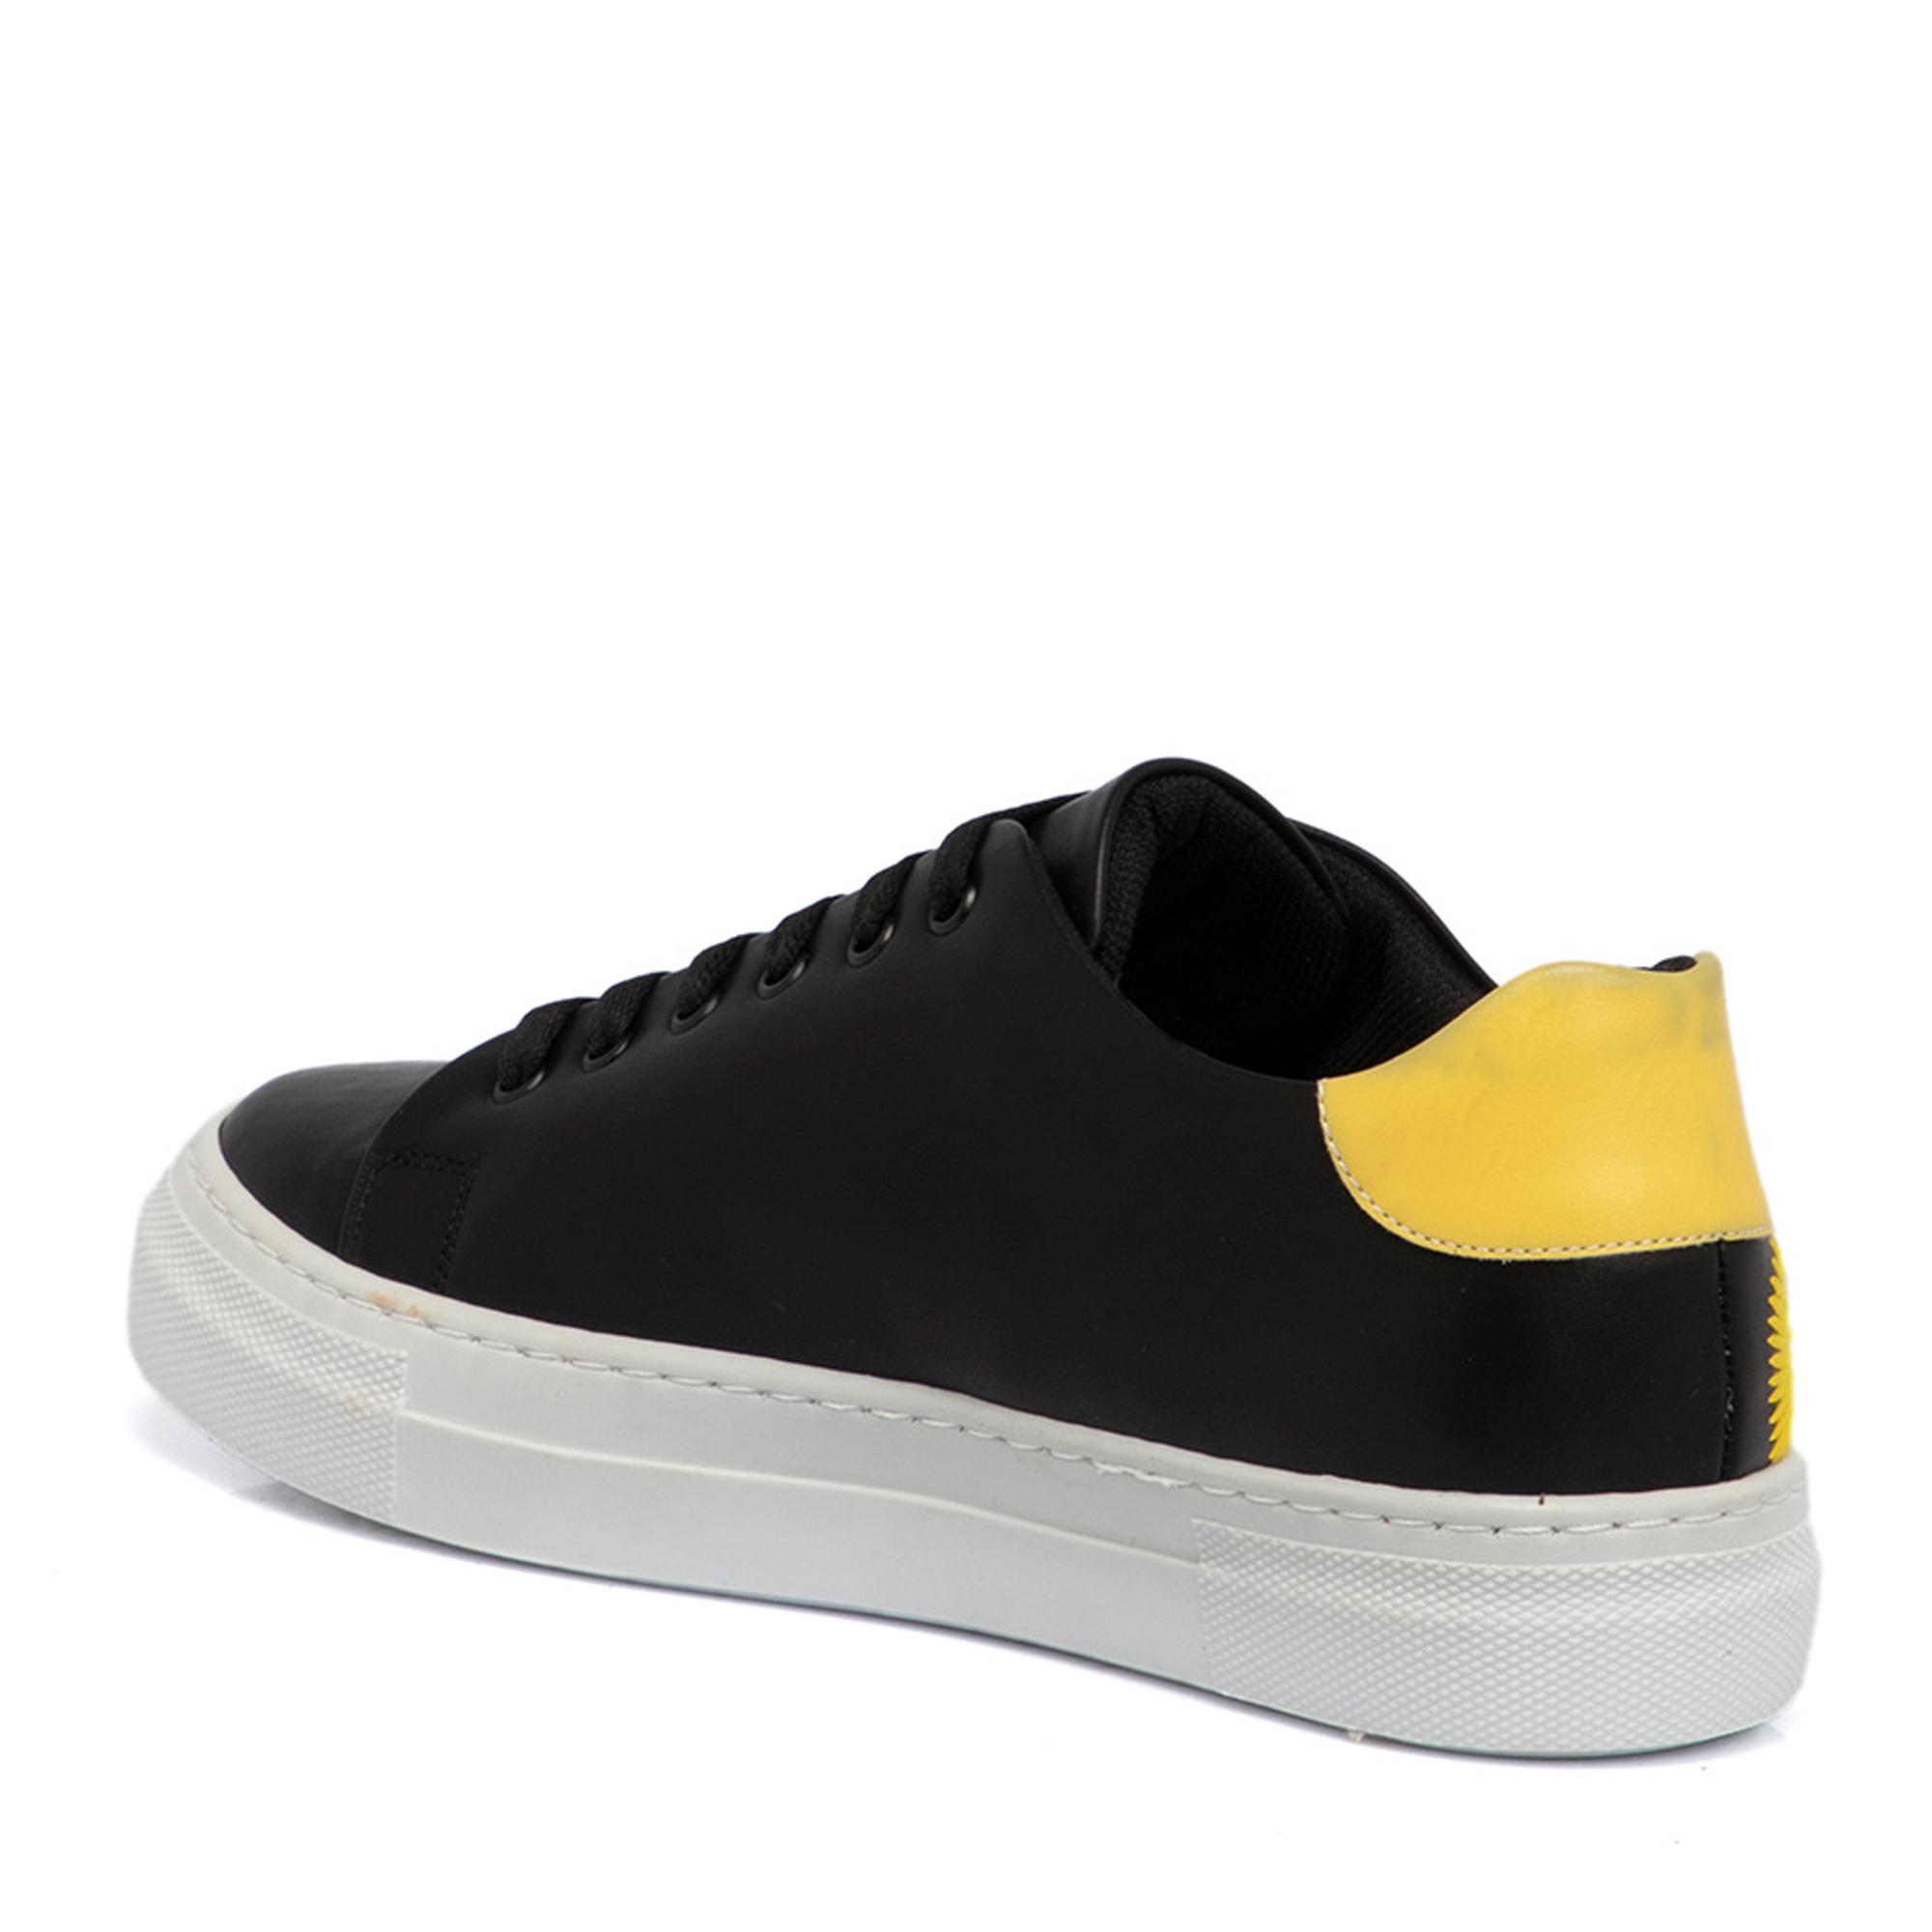 Siyah Tekstil Kadın Ayakkabı 64541D62